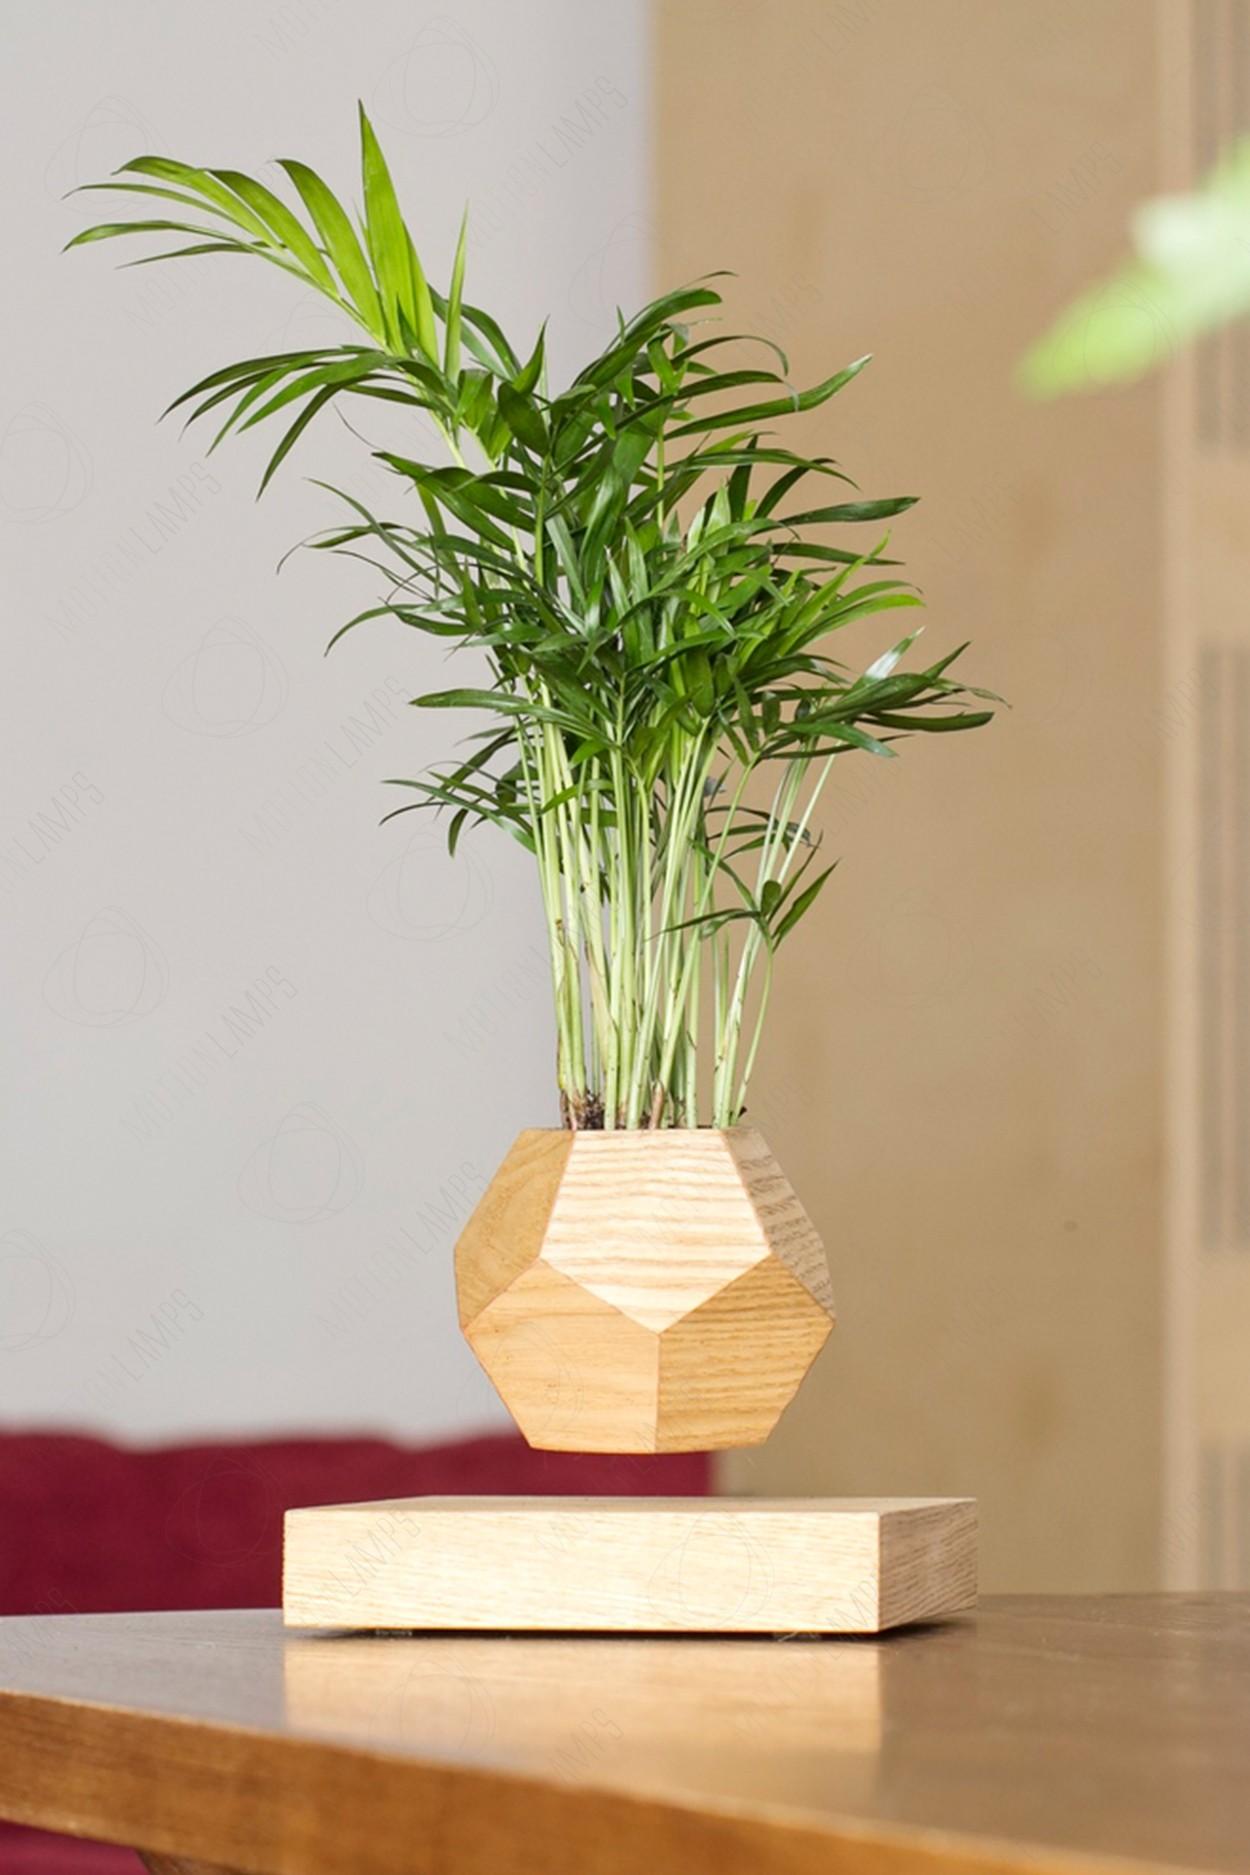 Левитирующий горшок LePlant Wood светлый (для растений) в Ярославле